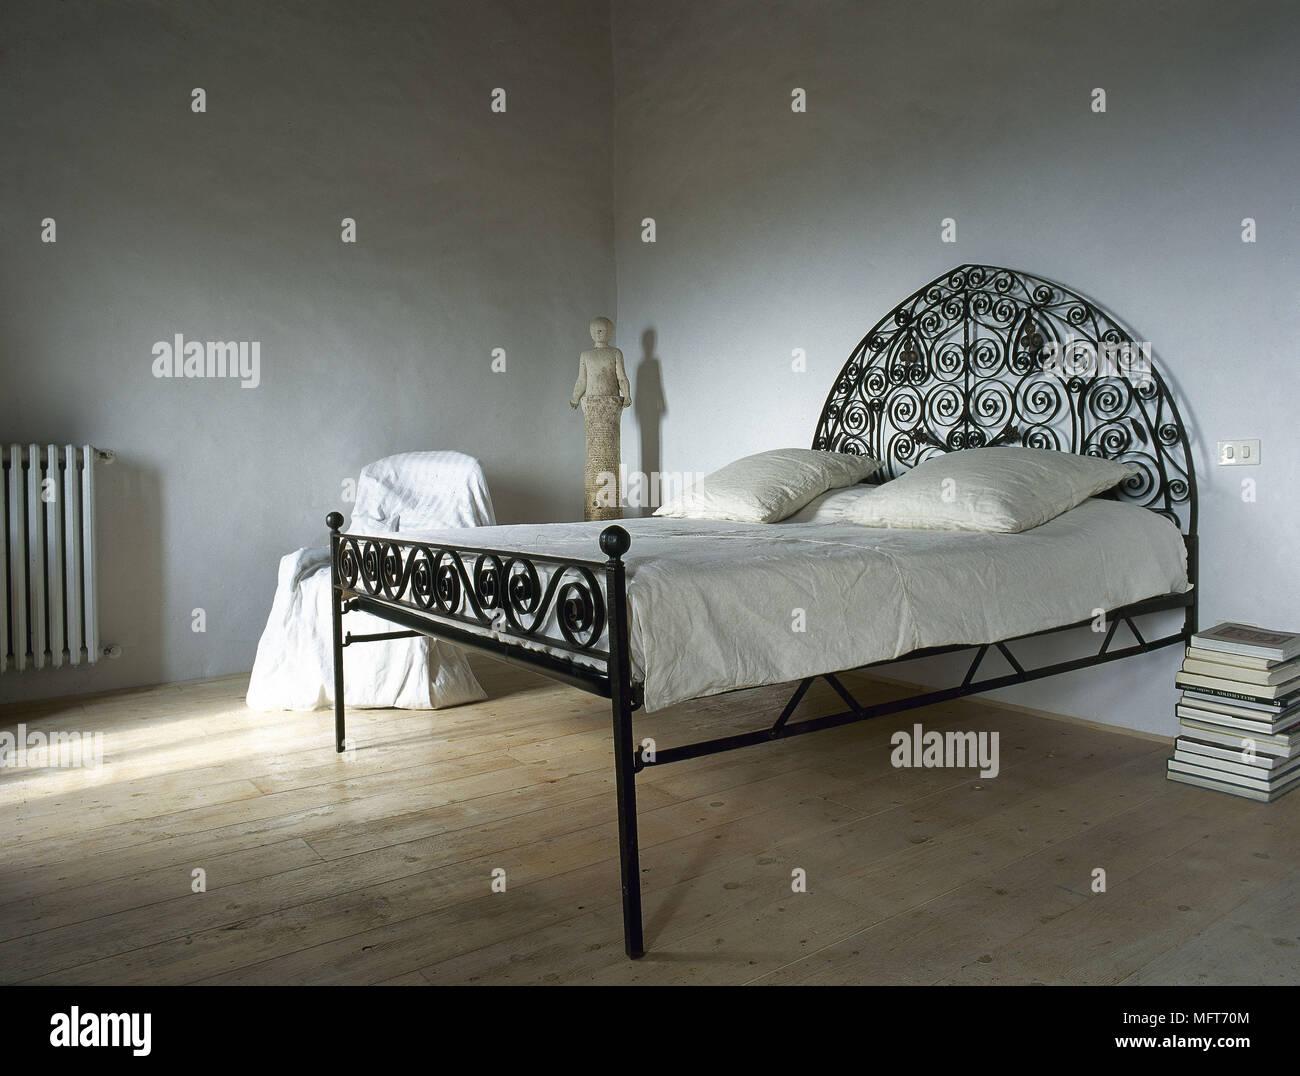 Rustic Simple Bedroom Wood Floor Wrought Iron Bed Interiors Bedrooms